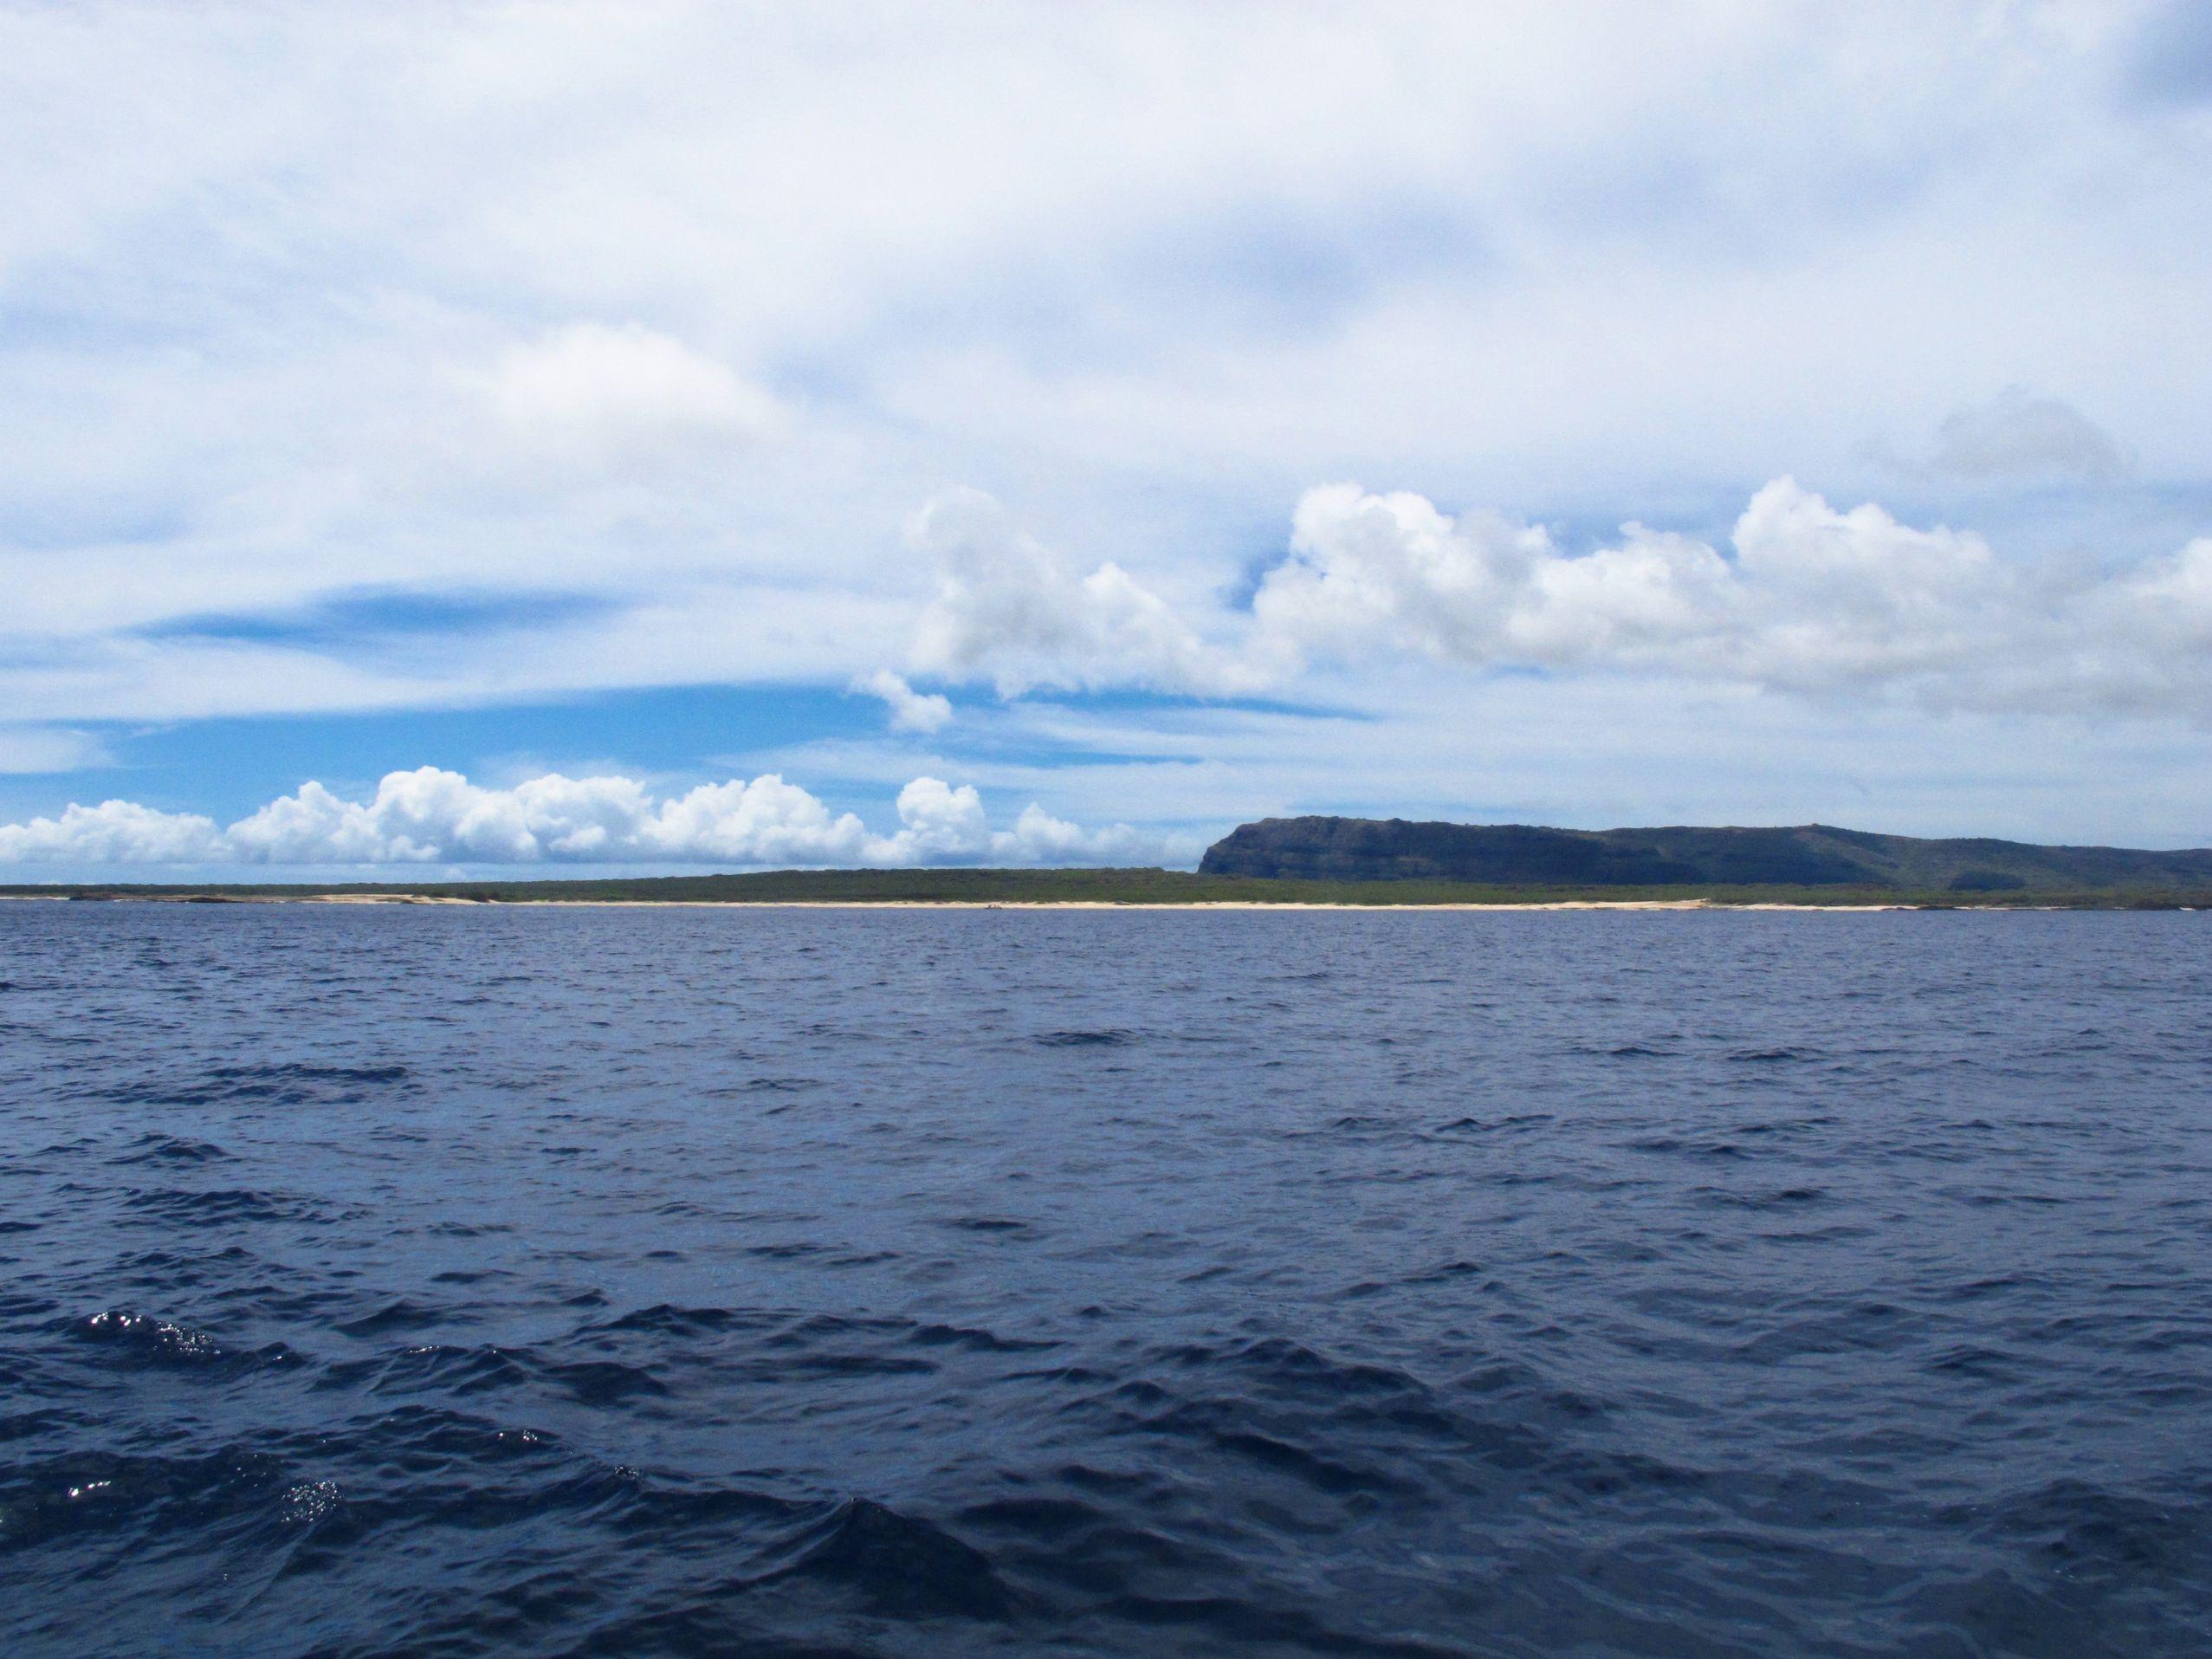 The remote shoreline of Niihau, Hawaii